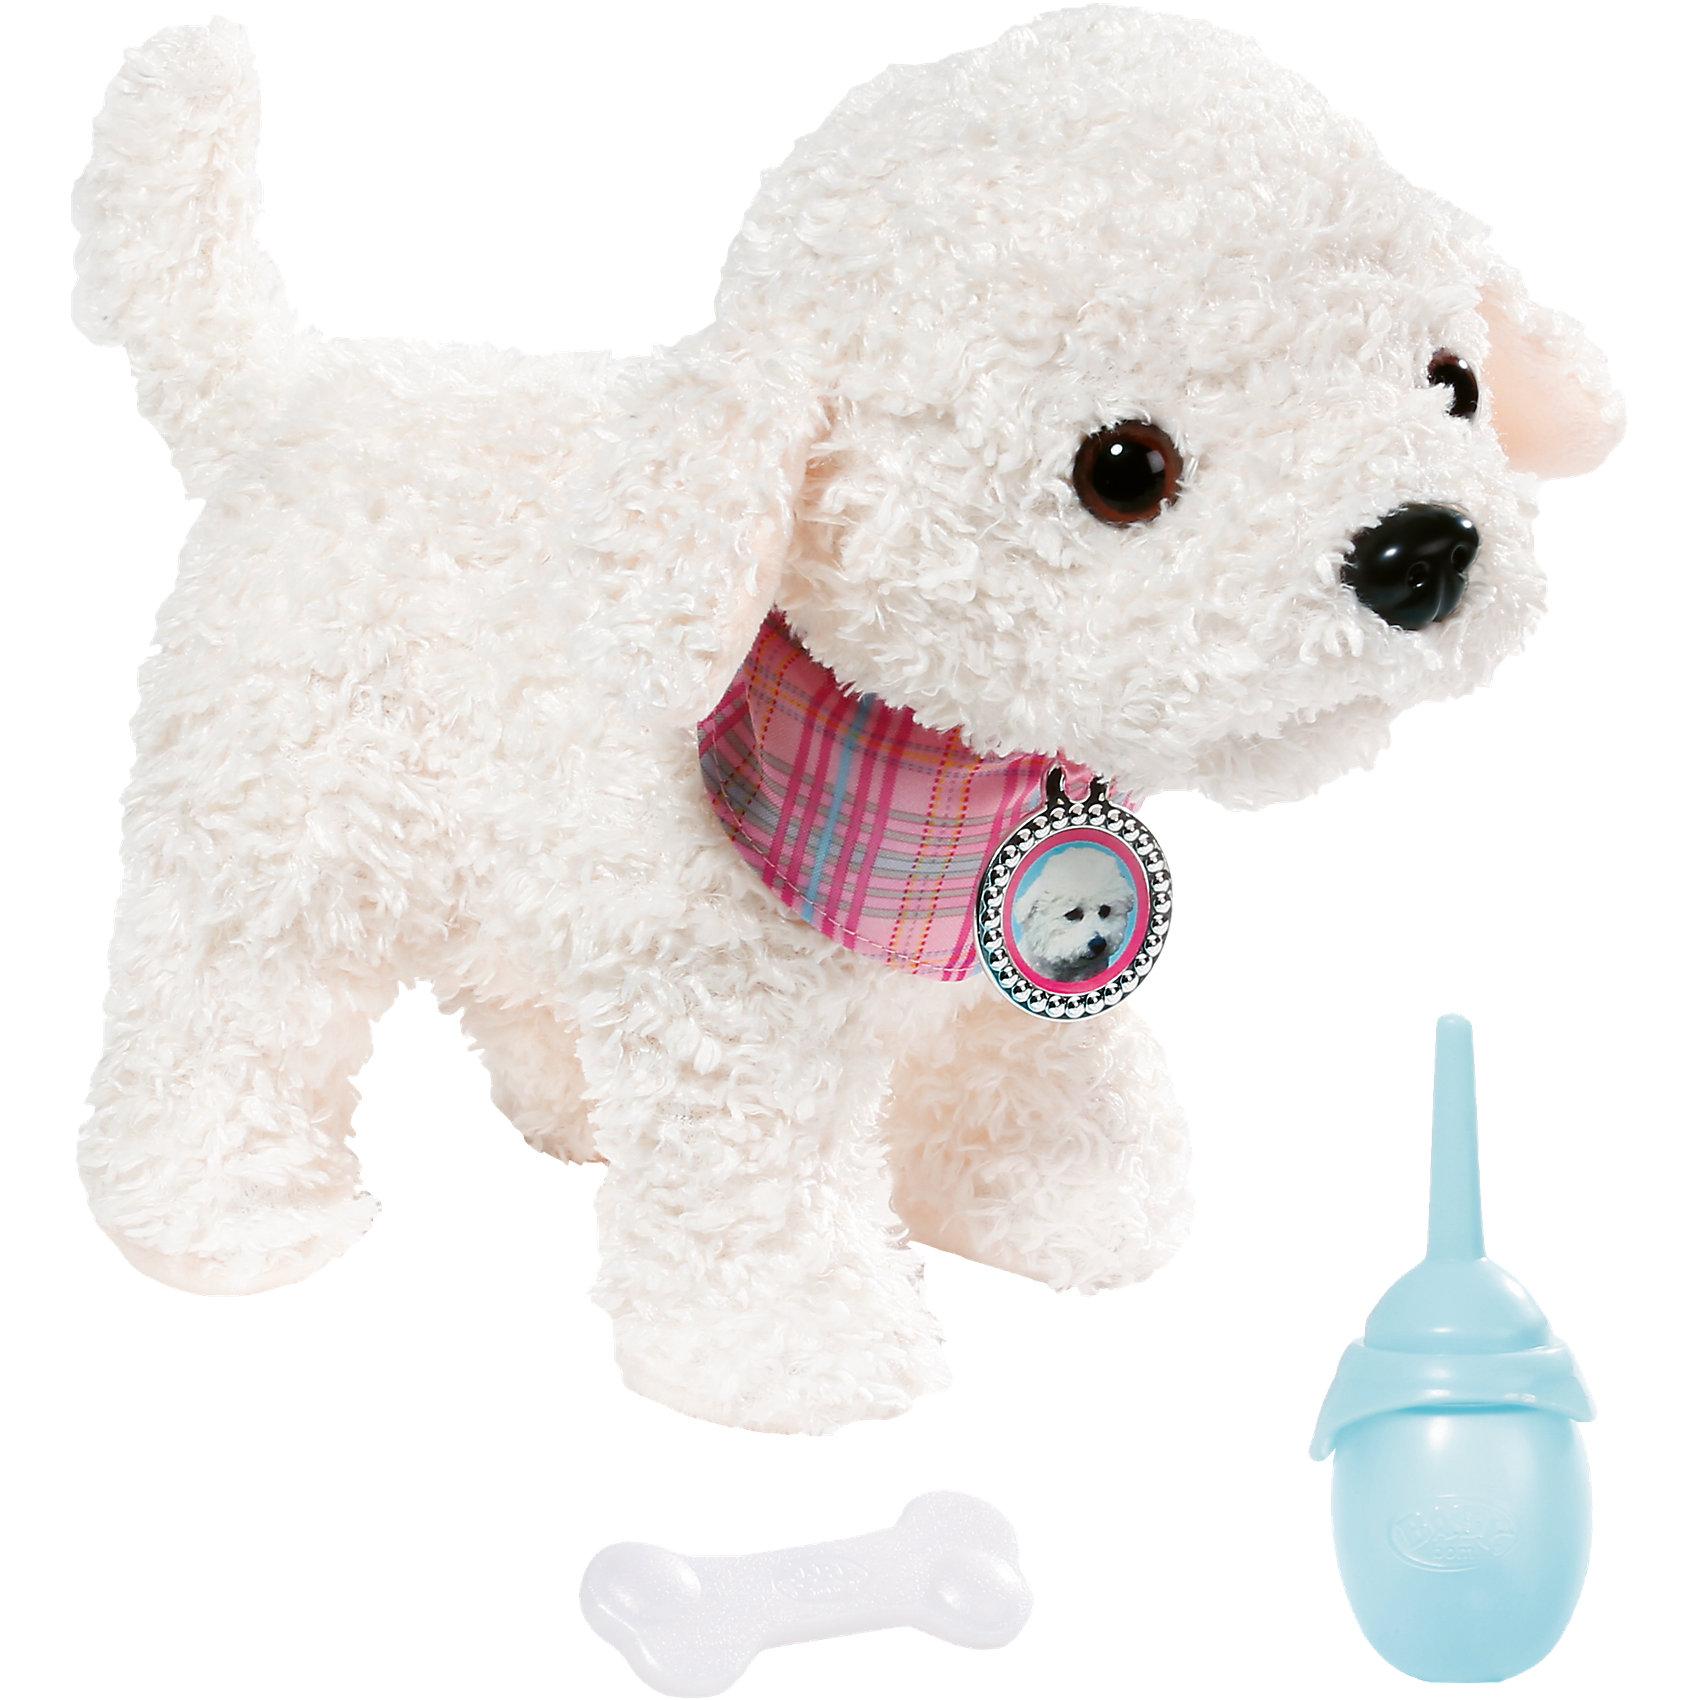 Собака Пудель, BABY bornИнтерактивные мягкие игрушки<br>Характеристики товара:<br><br>• возраст: от 3 лет;<br>• материал: плюш, пластик;<br>• в комплекте: собака, косточка, бутылочка;<br>• тип батареек: 2 батарейки ААА;<br>• наличие батареек: не входят в комплект;<br>• размер упаковки: 23х24х25 см;<br>• вес упаковки: 690 гр.;<br>• страна производитель: Китай.<br><br>Собака «Пудель» Baby Born — интерактивный белоснежный щеночек, который станет любимым домашним питомцем. Он умеет двигаться, пить из бутылочки и кушать свою косточку, причмокивая. После еды питомца надо вывести на улицу, чтобы он сходил в туалет. Игрушка выполнена из качественного мягкого материала.<br><br>Собаку «Пудель» Baby Born можно приобрести в нашем интернет-магазине.<br><br>Ширина мм: 230<br>Глубина мм: 250<br>Высота мм: 240<br>Вес г: 835<br>Возраст от месяцев: 24<br>Возраст до месяцев: 60<br>Пол: Женский<br>Возраст: Детский<br>SKU: 5478816